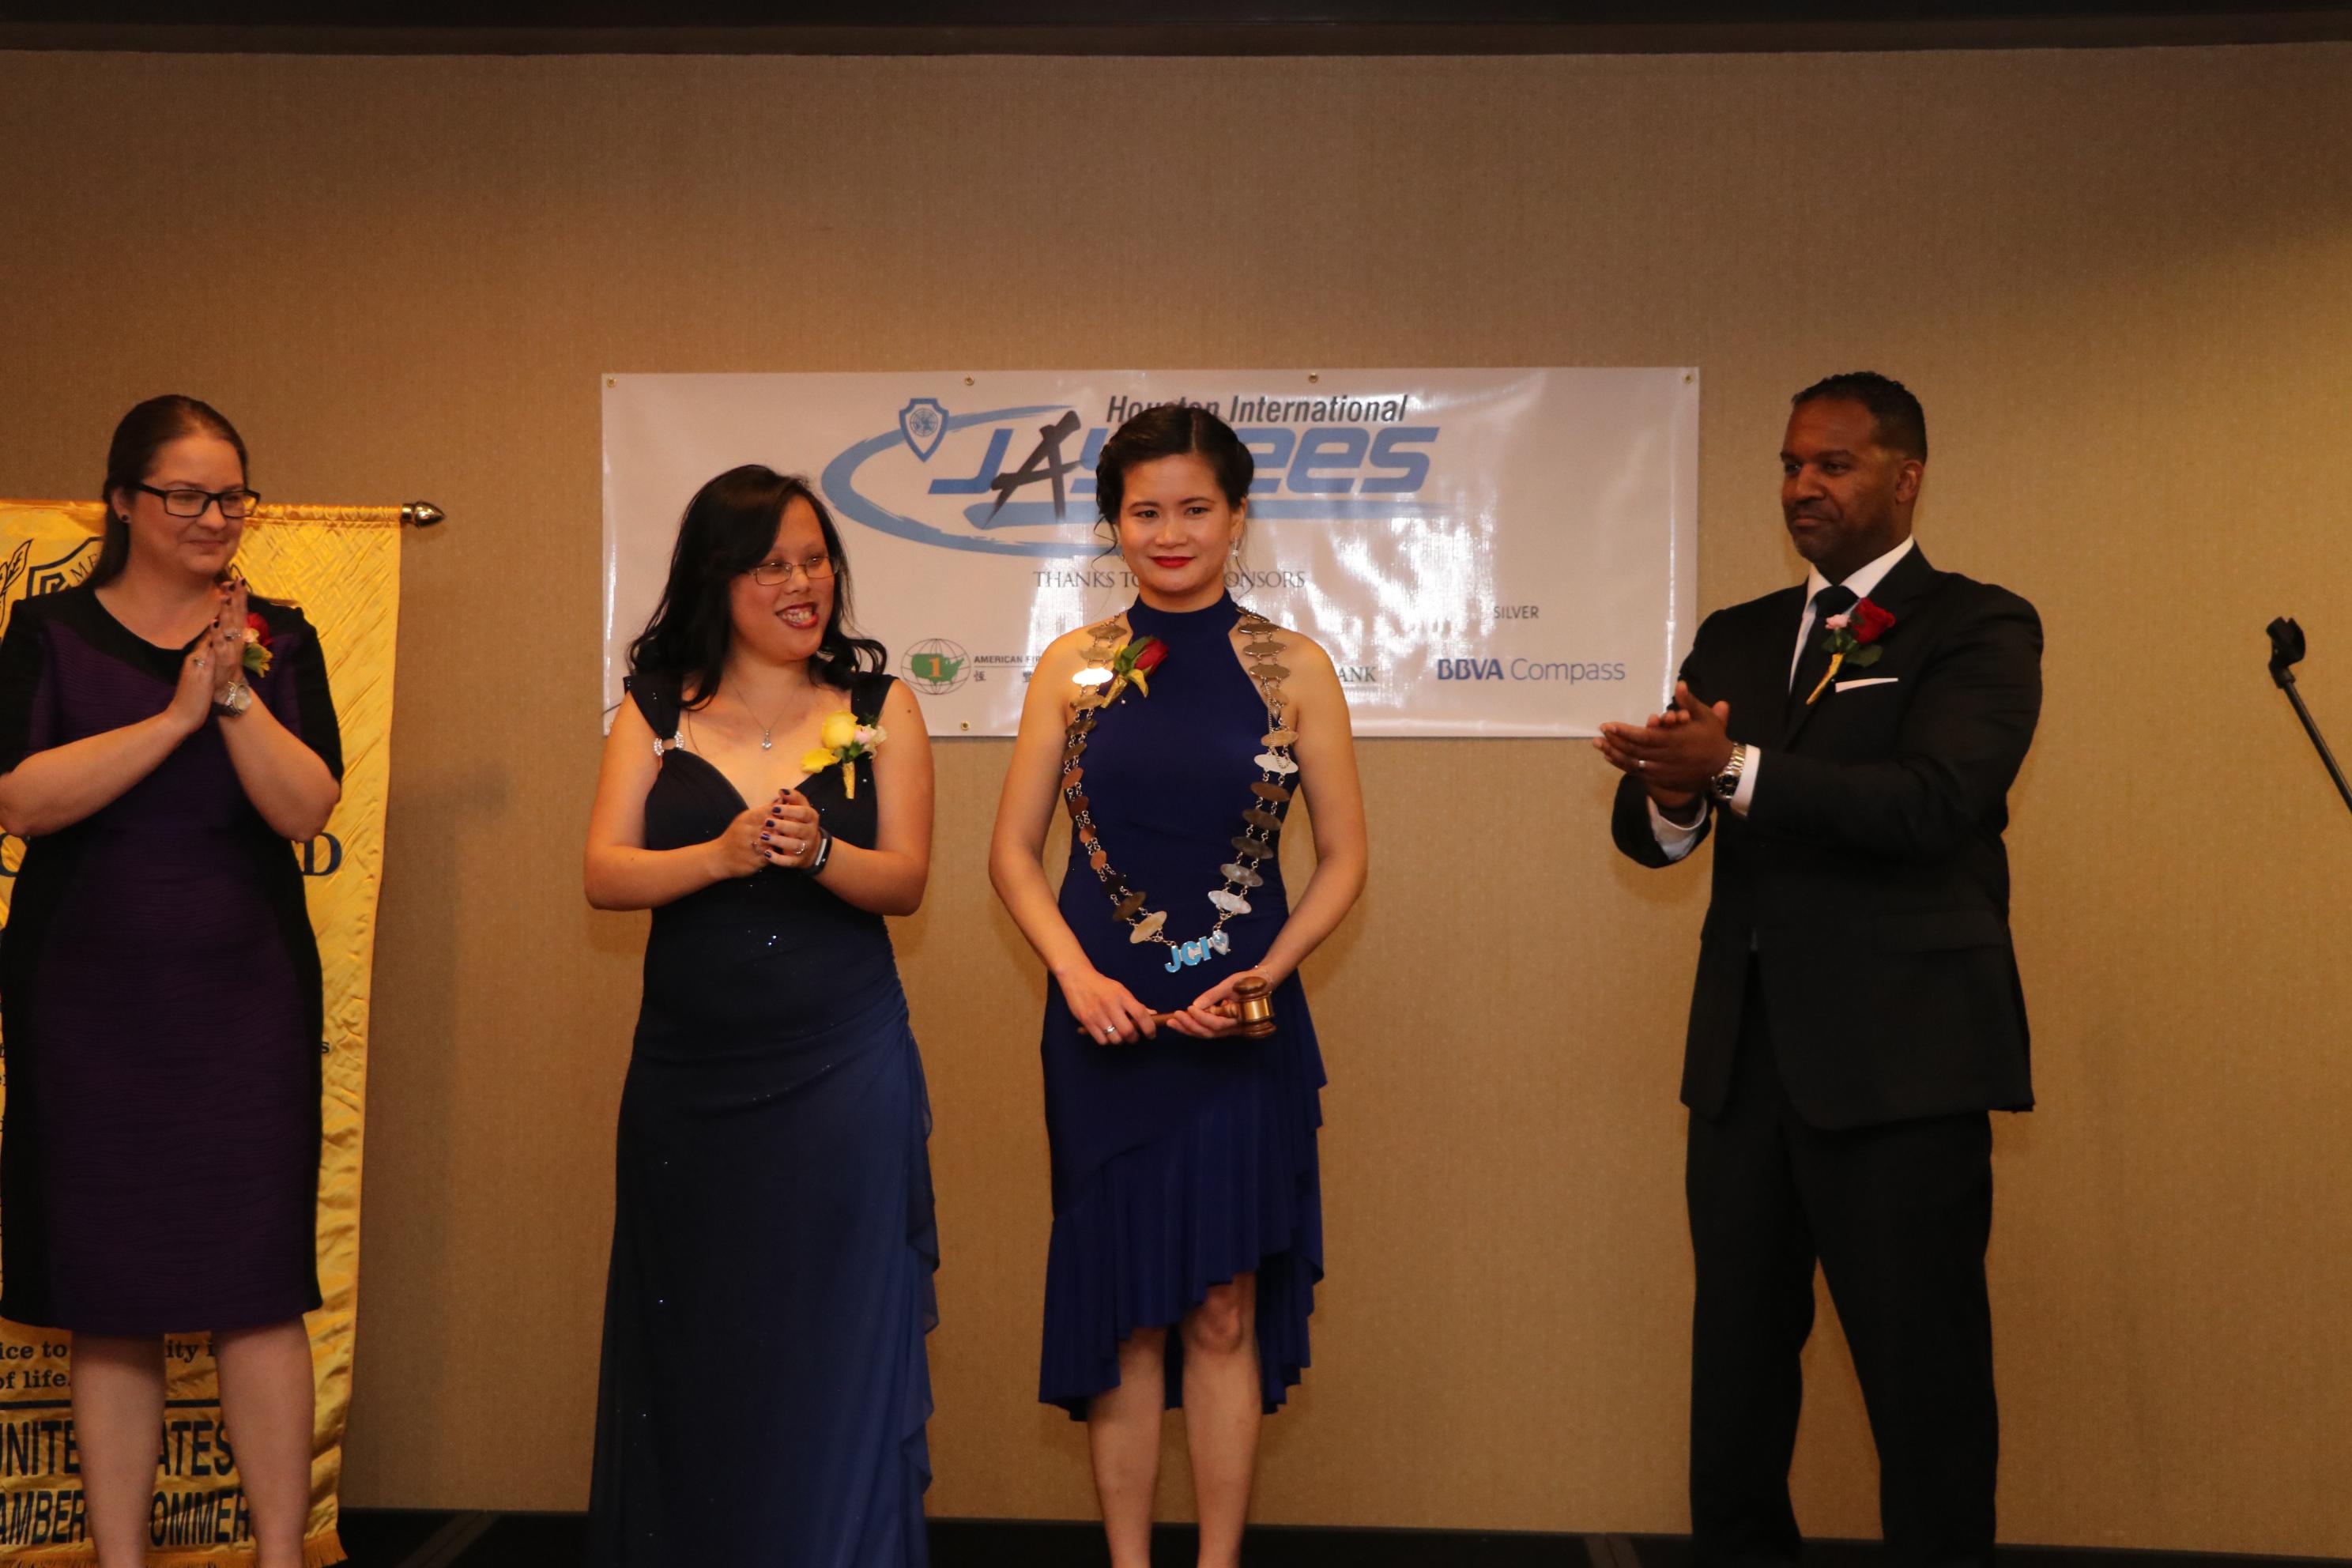 新任亞裔青商會會長張嘉文(右二)自前會長鄭雅如(Bonnie Cheng,左二)手中接下象徵會長信物的議事槌及項鍊。